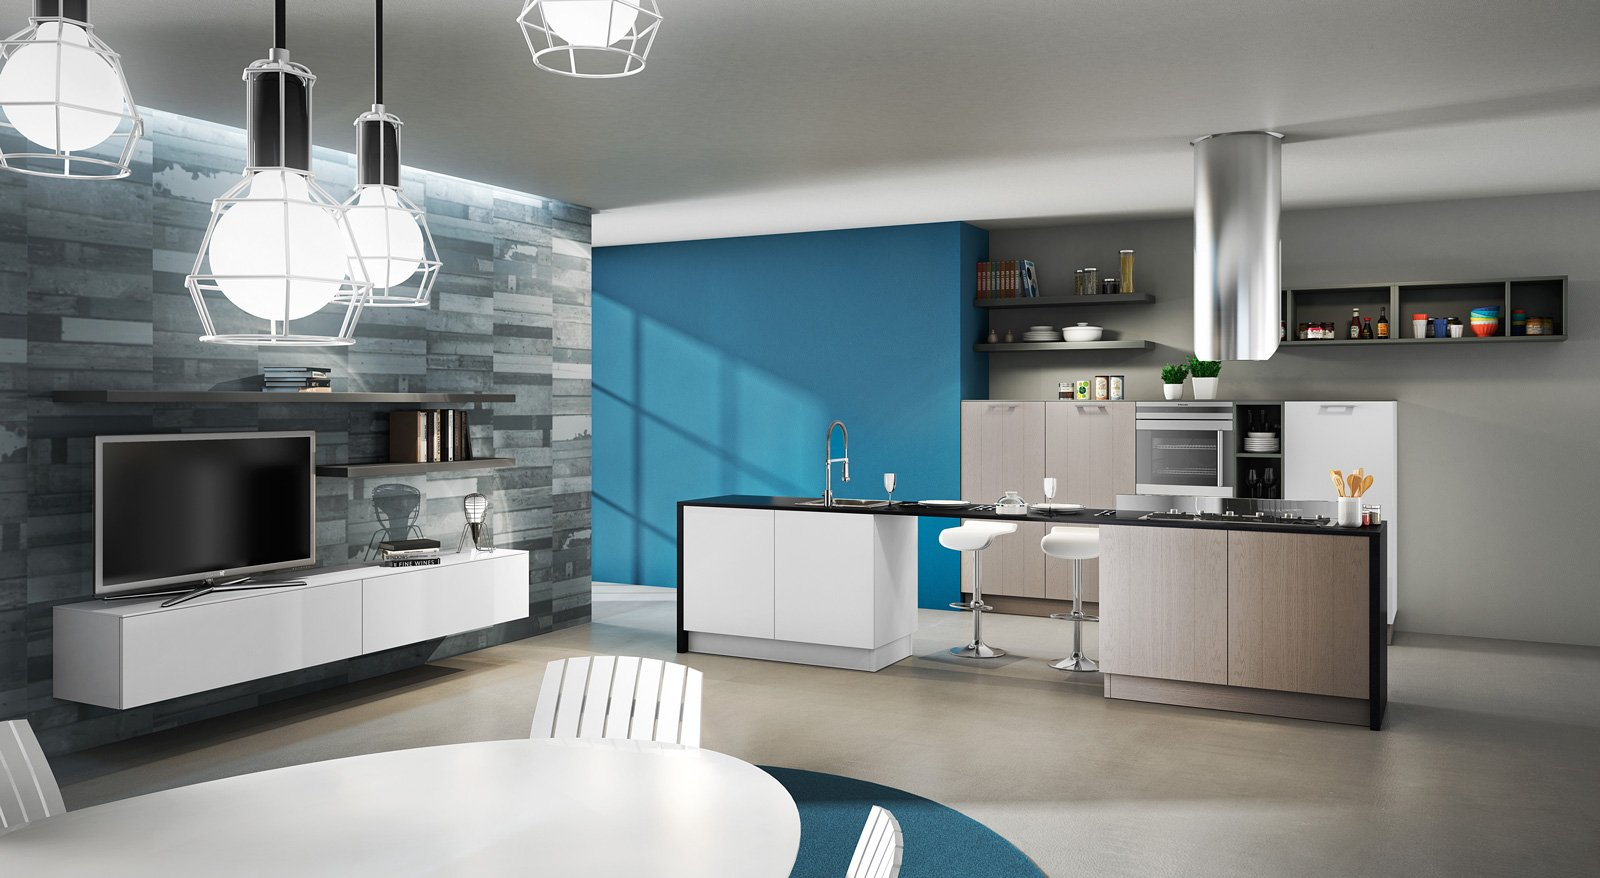 Arredamento cucine piccole cose di casa for Immagini di arredamento